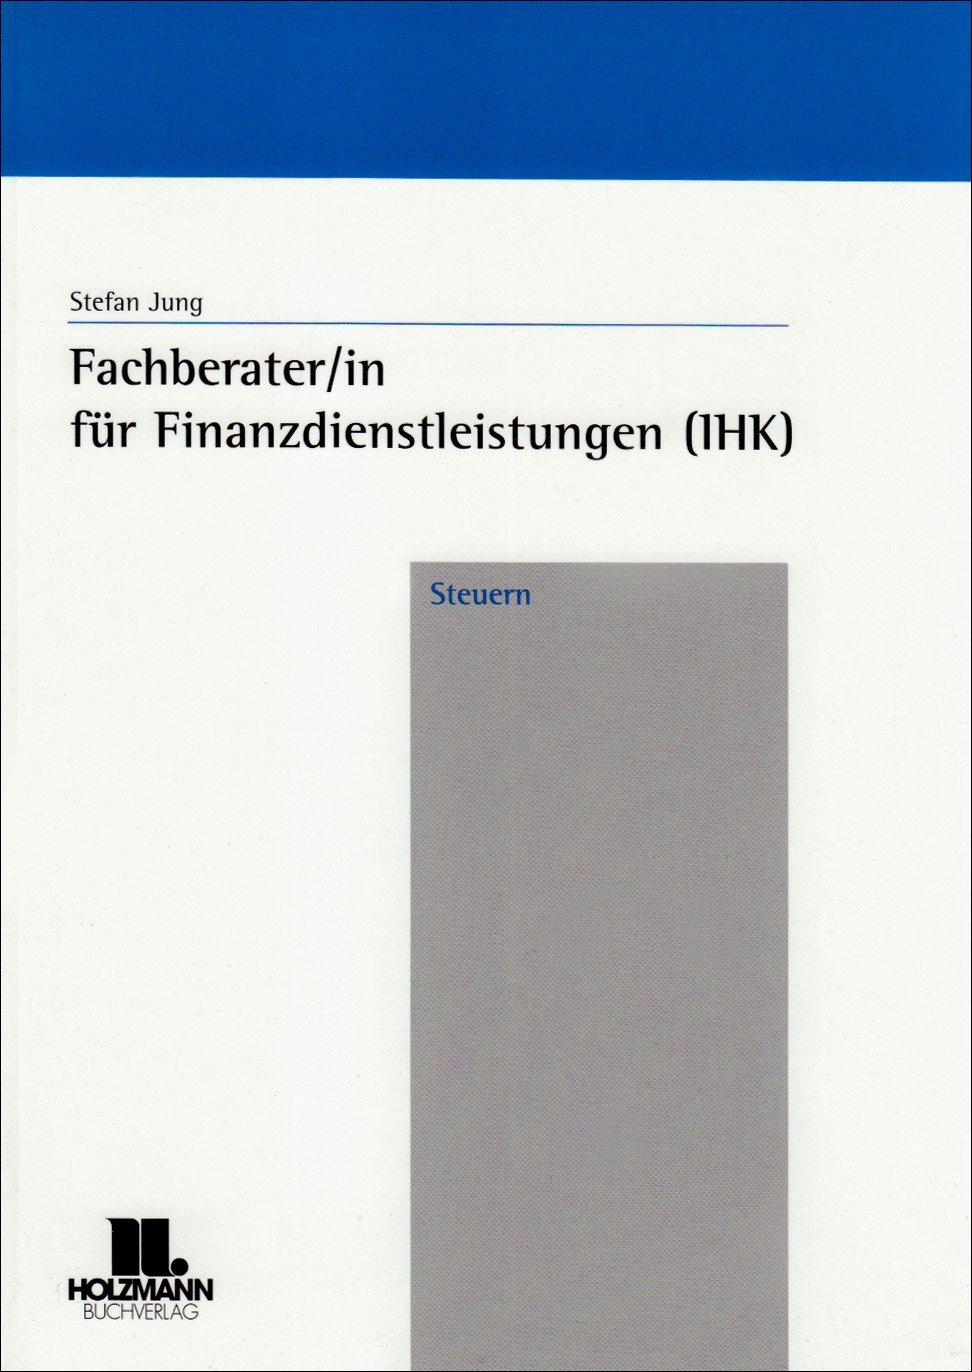 Fachberater/in für Finanzdienstleistungen (IHK) - Steuern